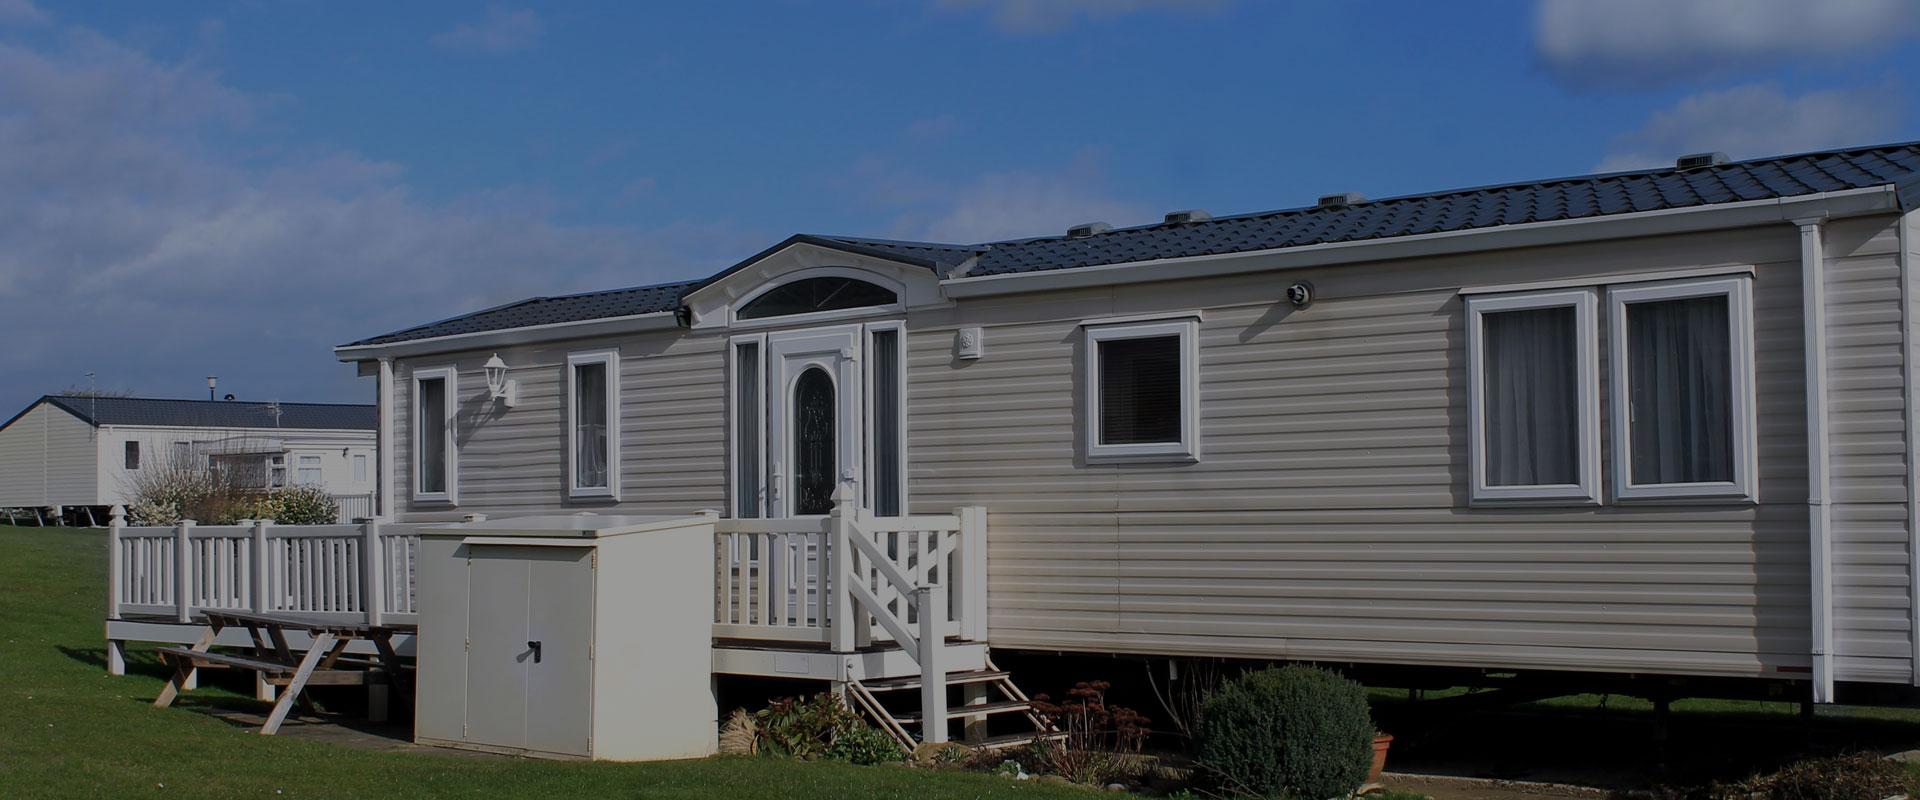 Key west insurance agency llc sewell nj mobile home for Modular home insurance